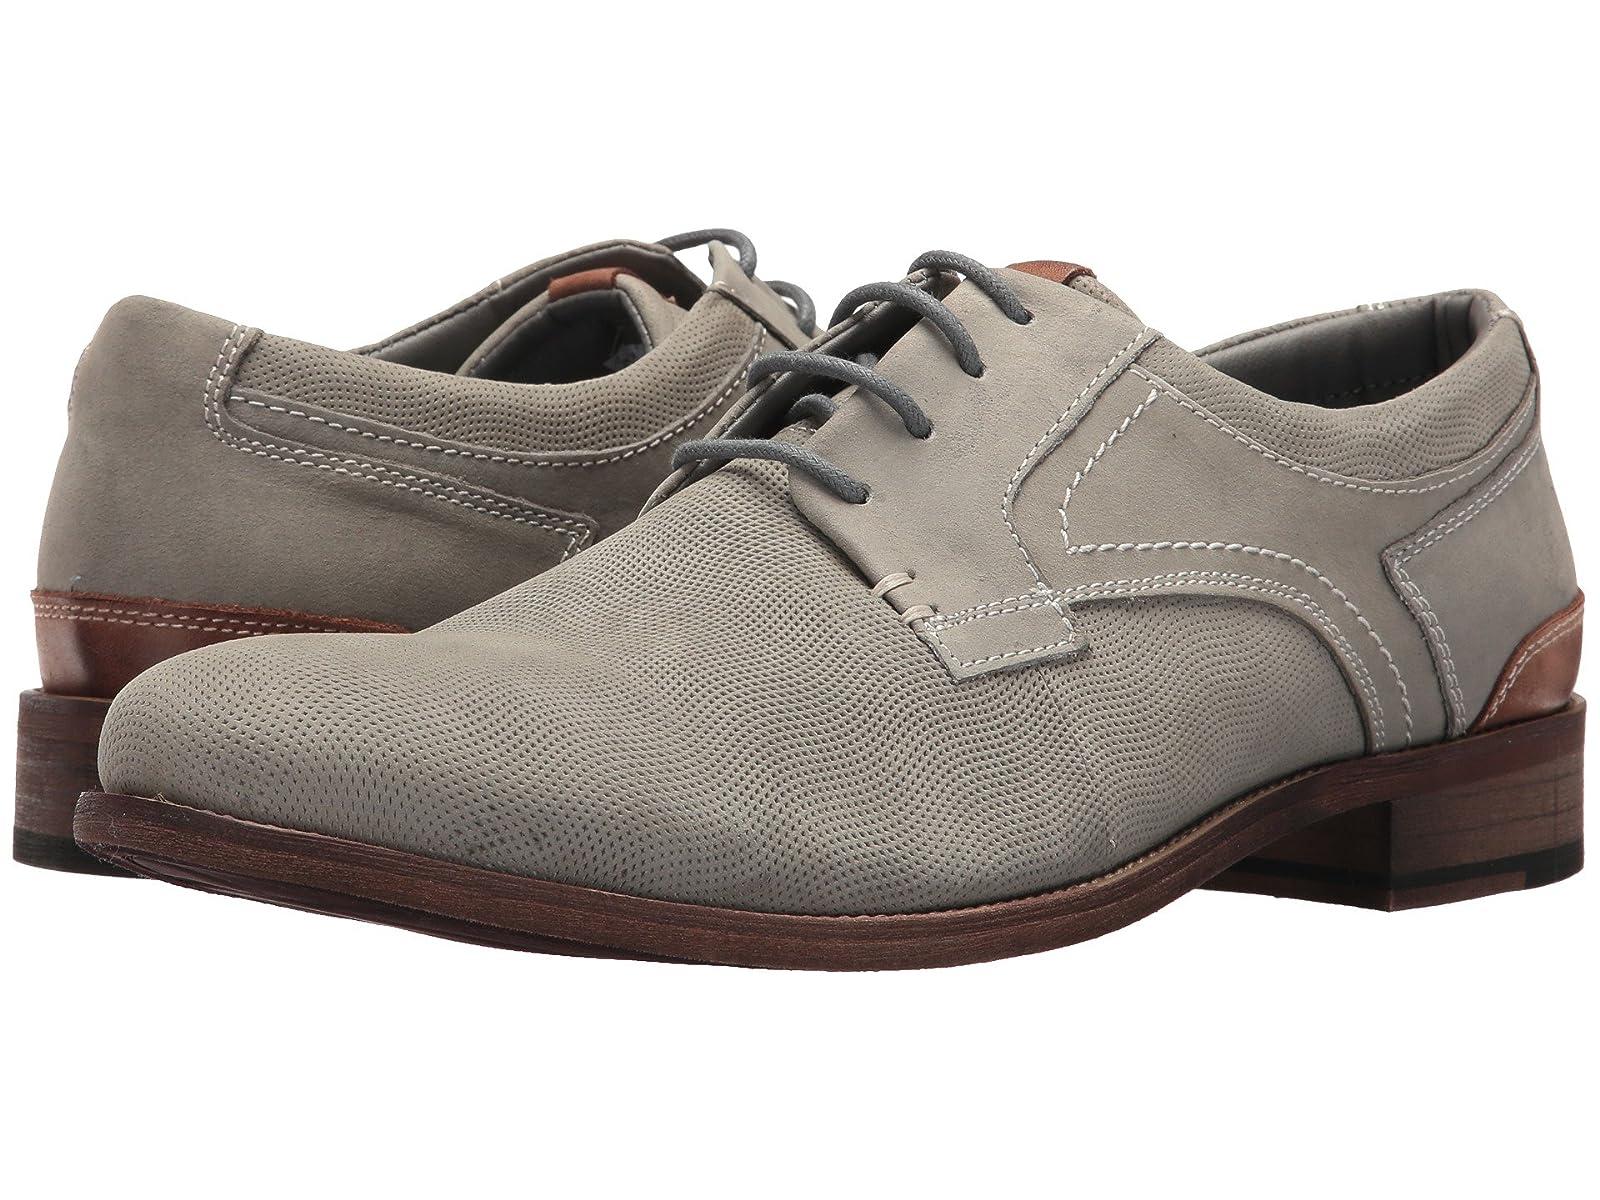 Steve Madden MychelAtmospheric grades have affordable shoes